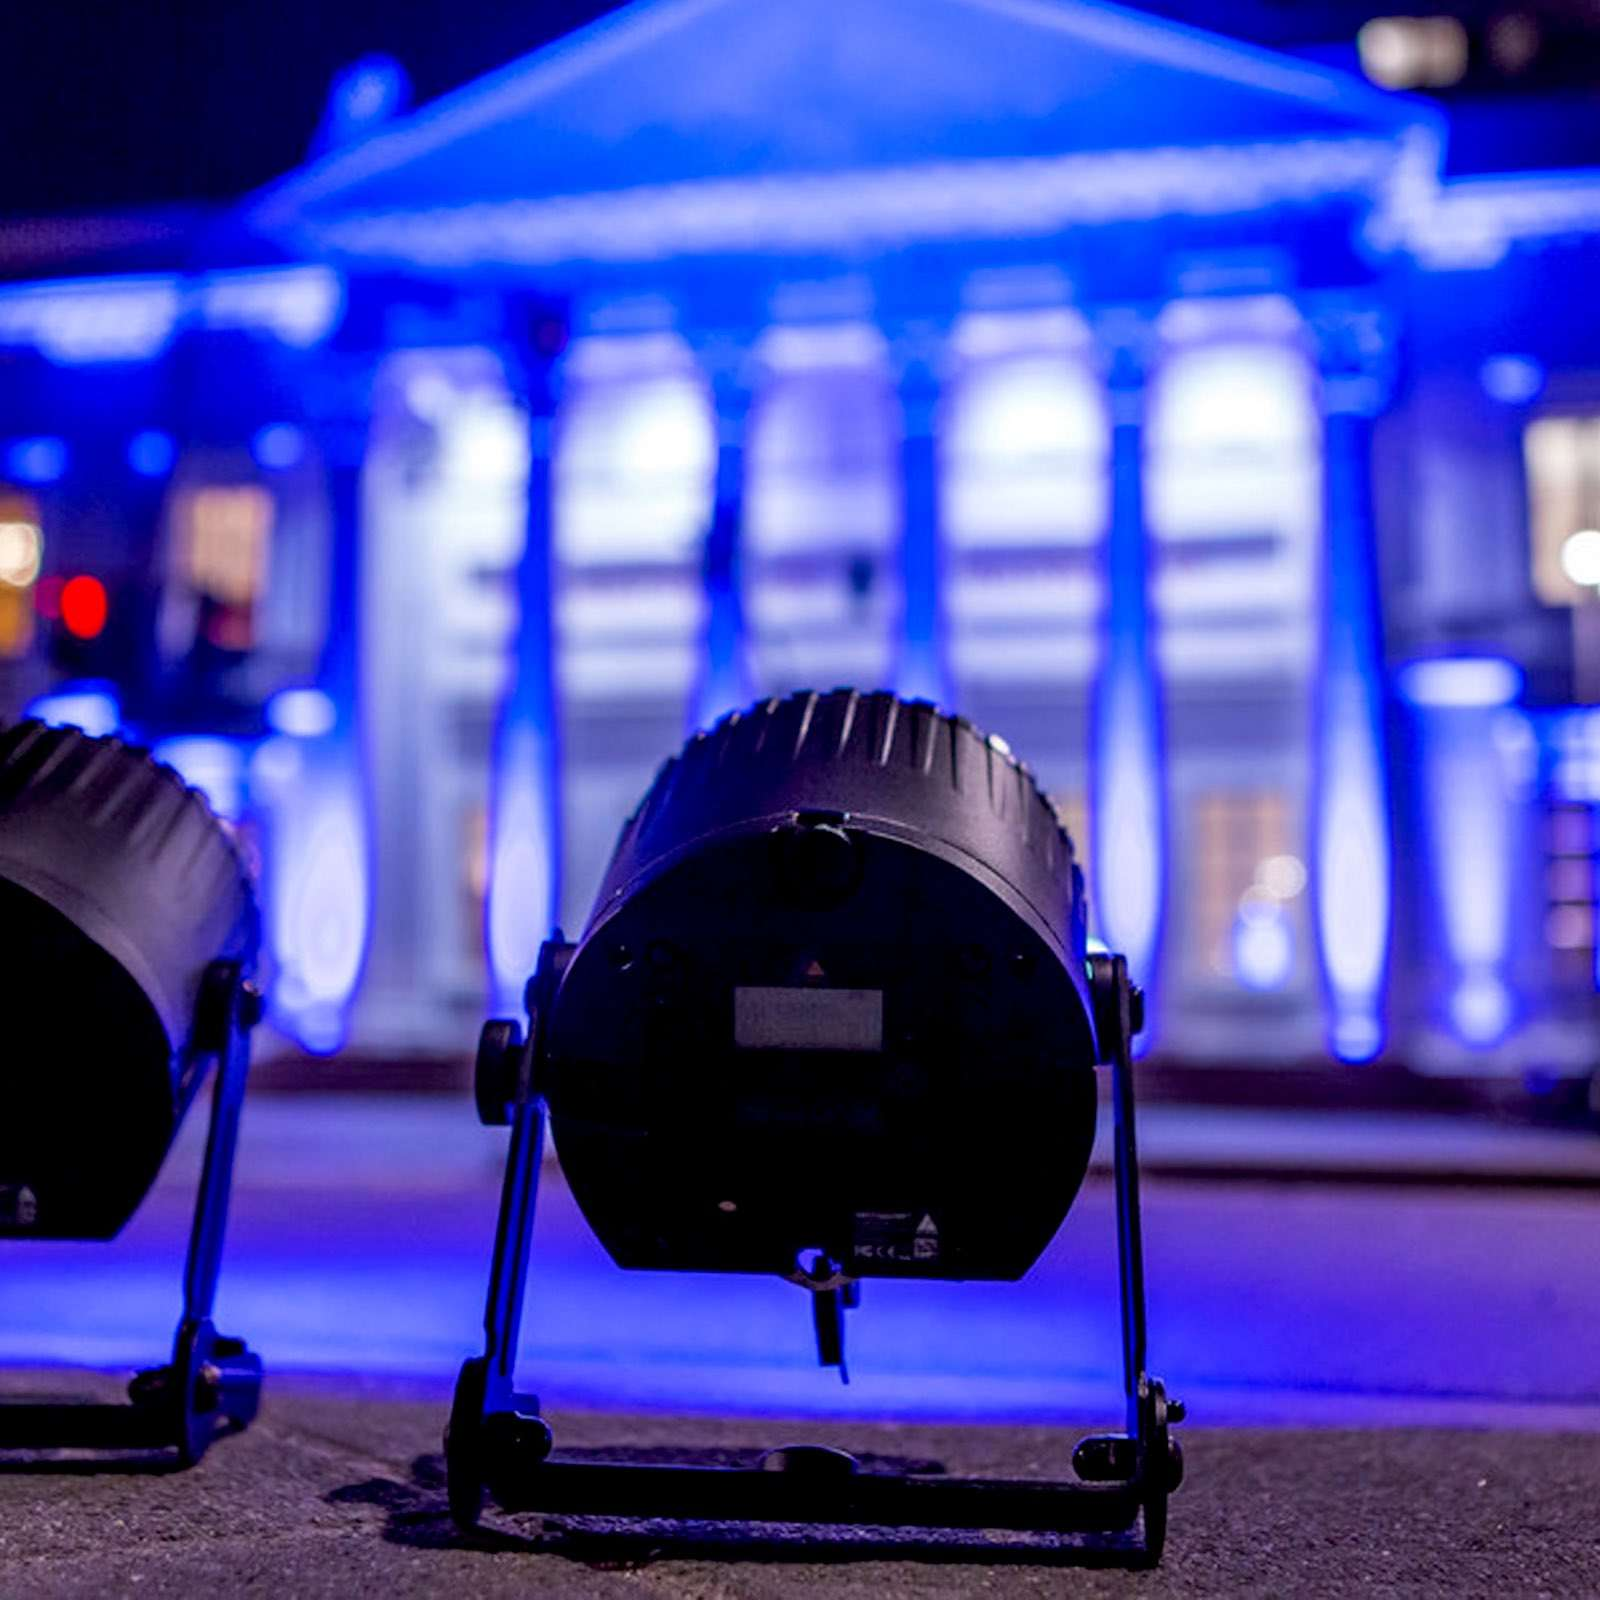 Lichttechnik |Outdoor |Fassaden |Beleuchtung |Scheinwerfer |Lichttechnik |Uplight |Licht |Konzept |Illumination |Veranstaltungstechnik |Firmenkunden |Eventaustattung |Mieten |Buchen